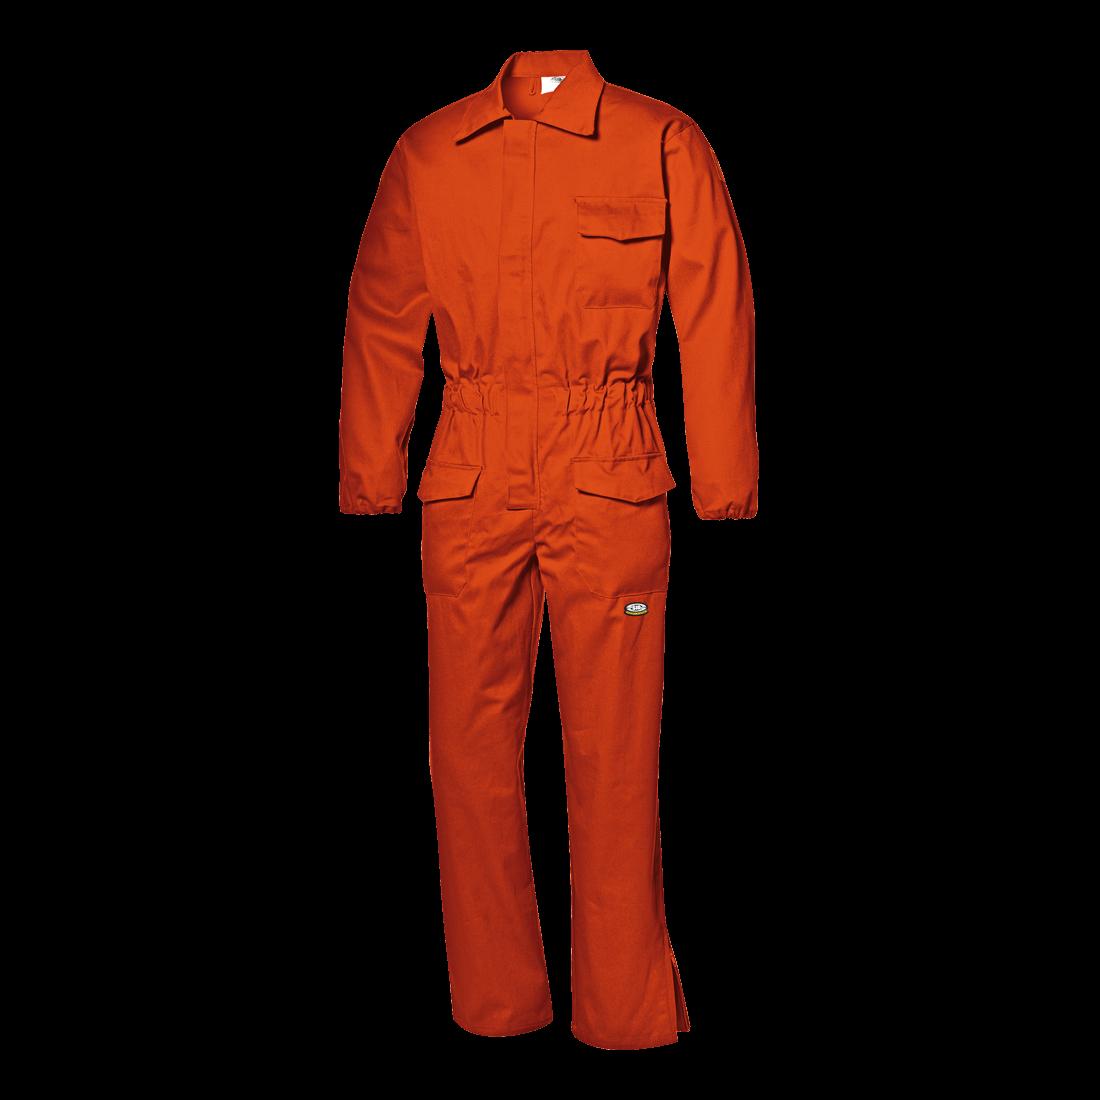 Palosuojatut puuvillahaalarit, Oranssi (ei varastoväri)